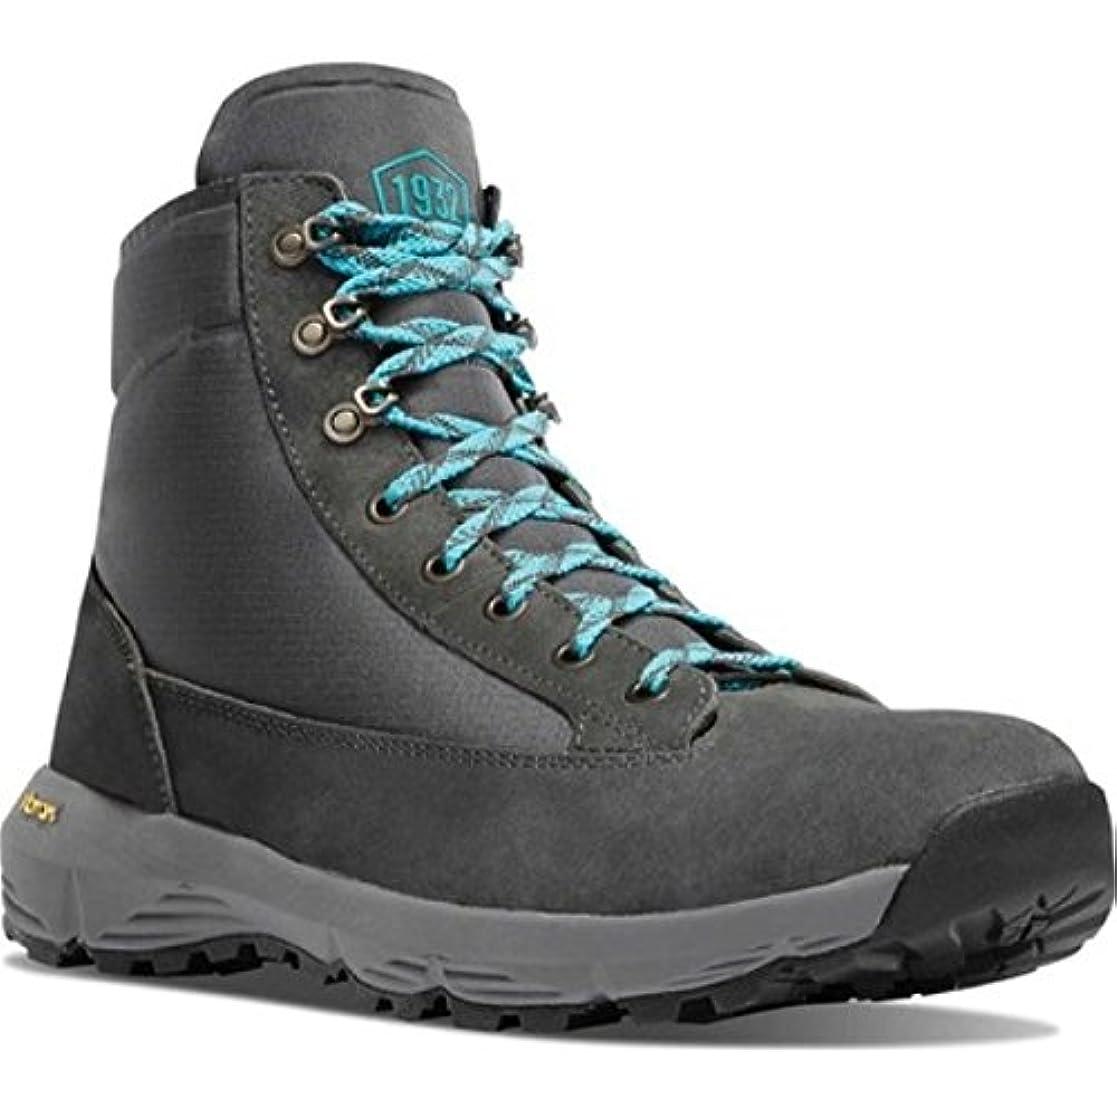 ジャンプする左耐久(ダナー) Danner レディース シューズ?靴 ブーツ Explorer 650 6